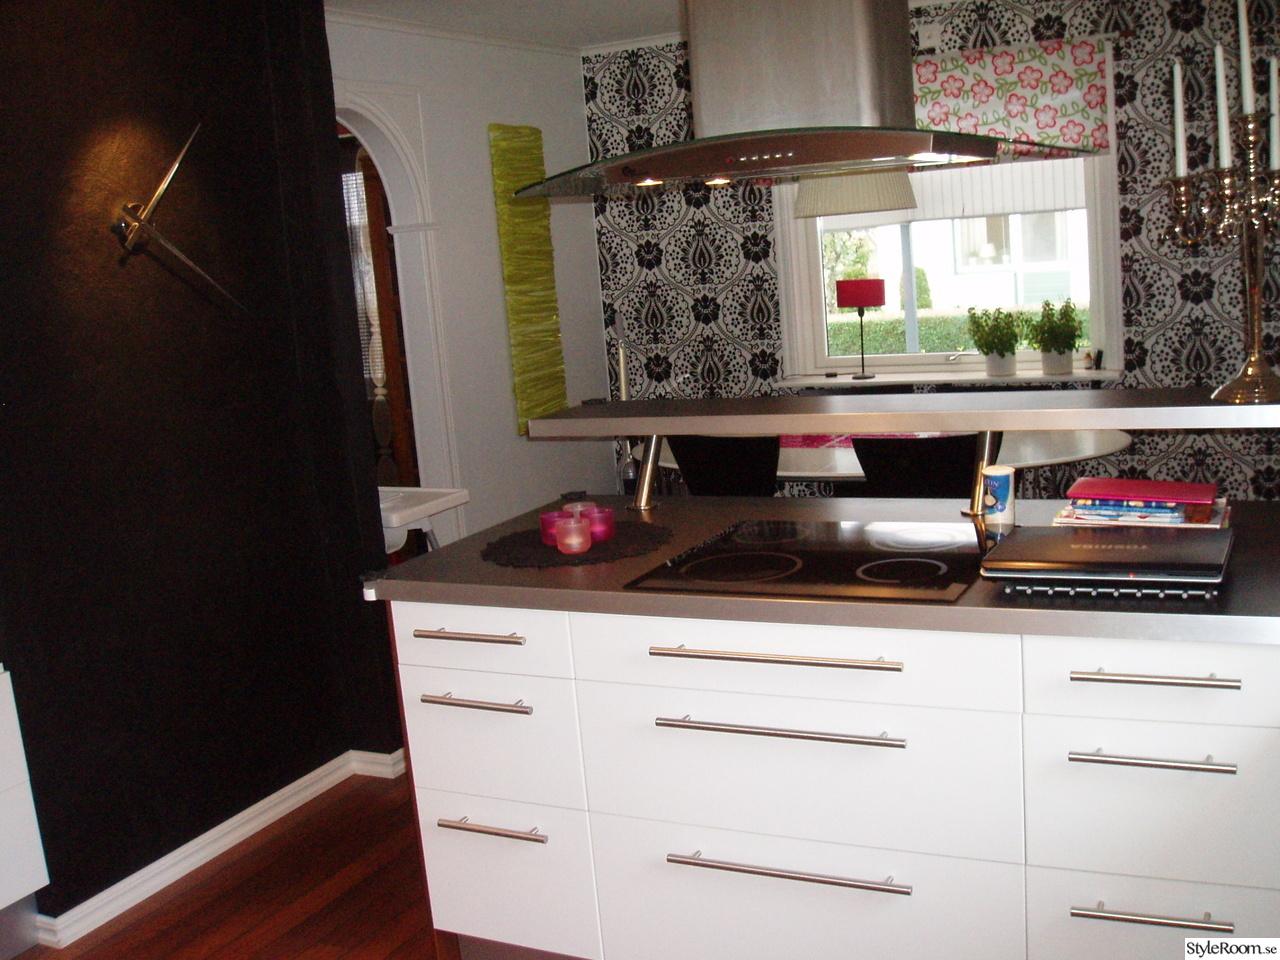 Kök utan överskåp   inspiration och idéer till ditt hem